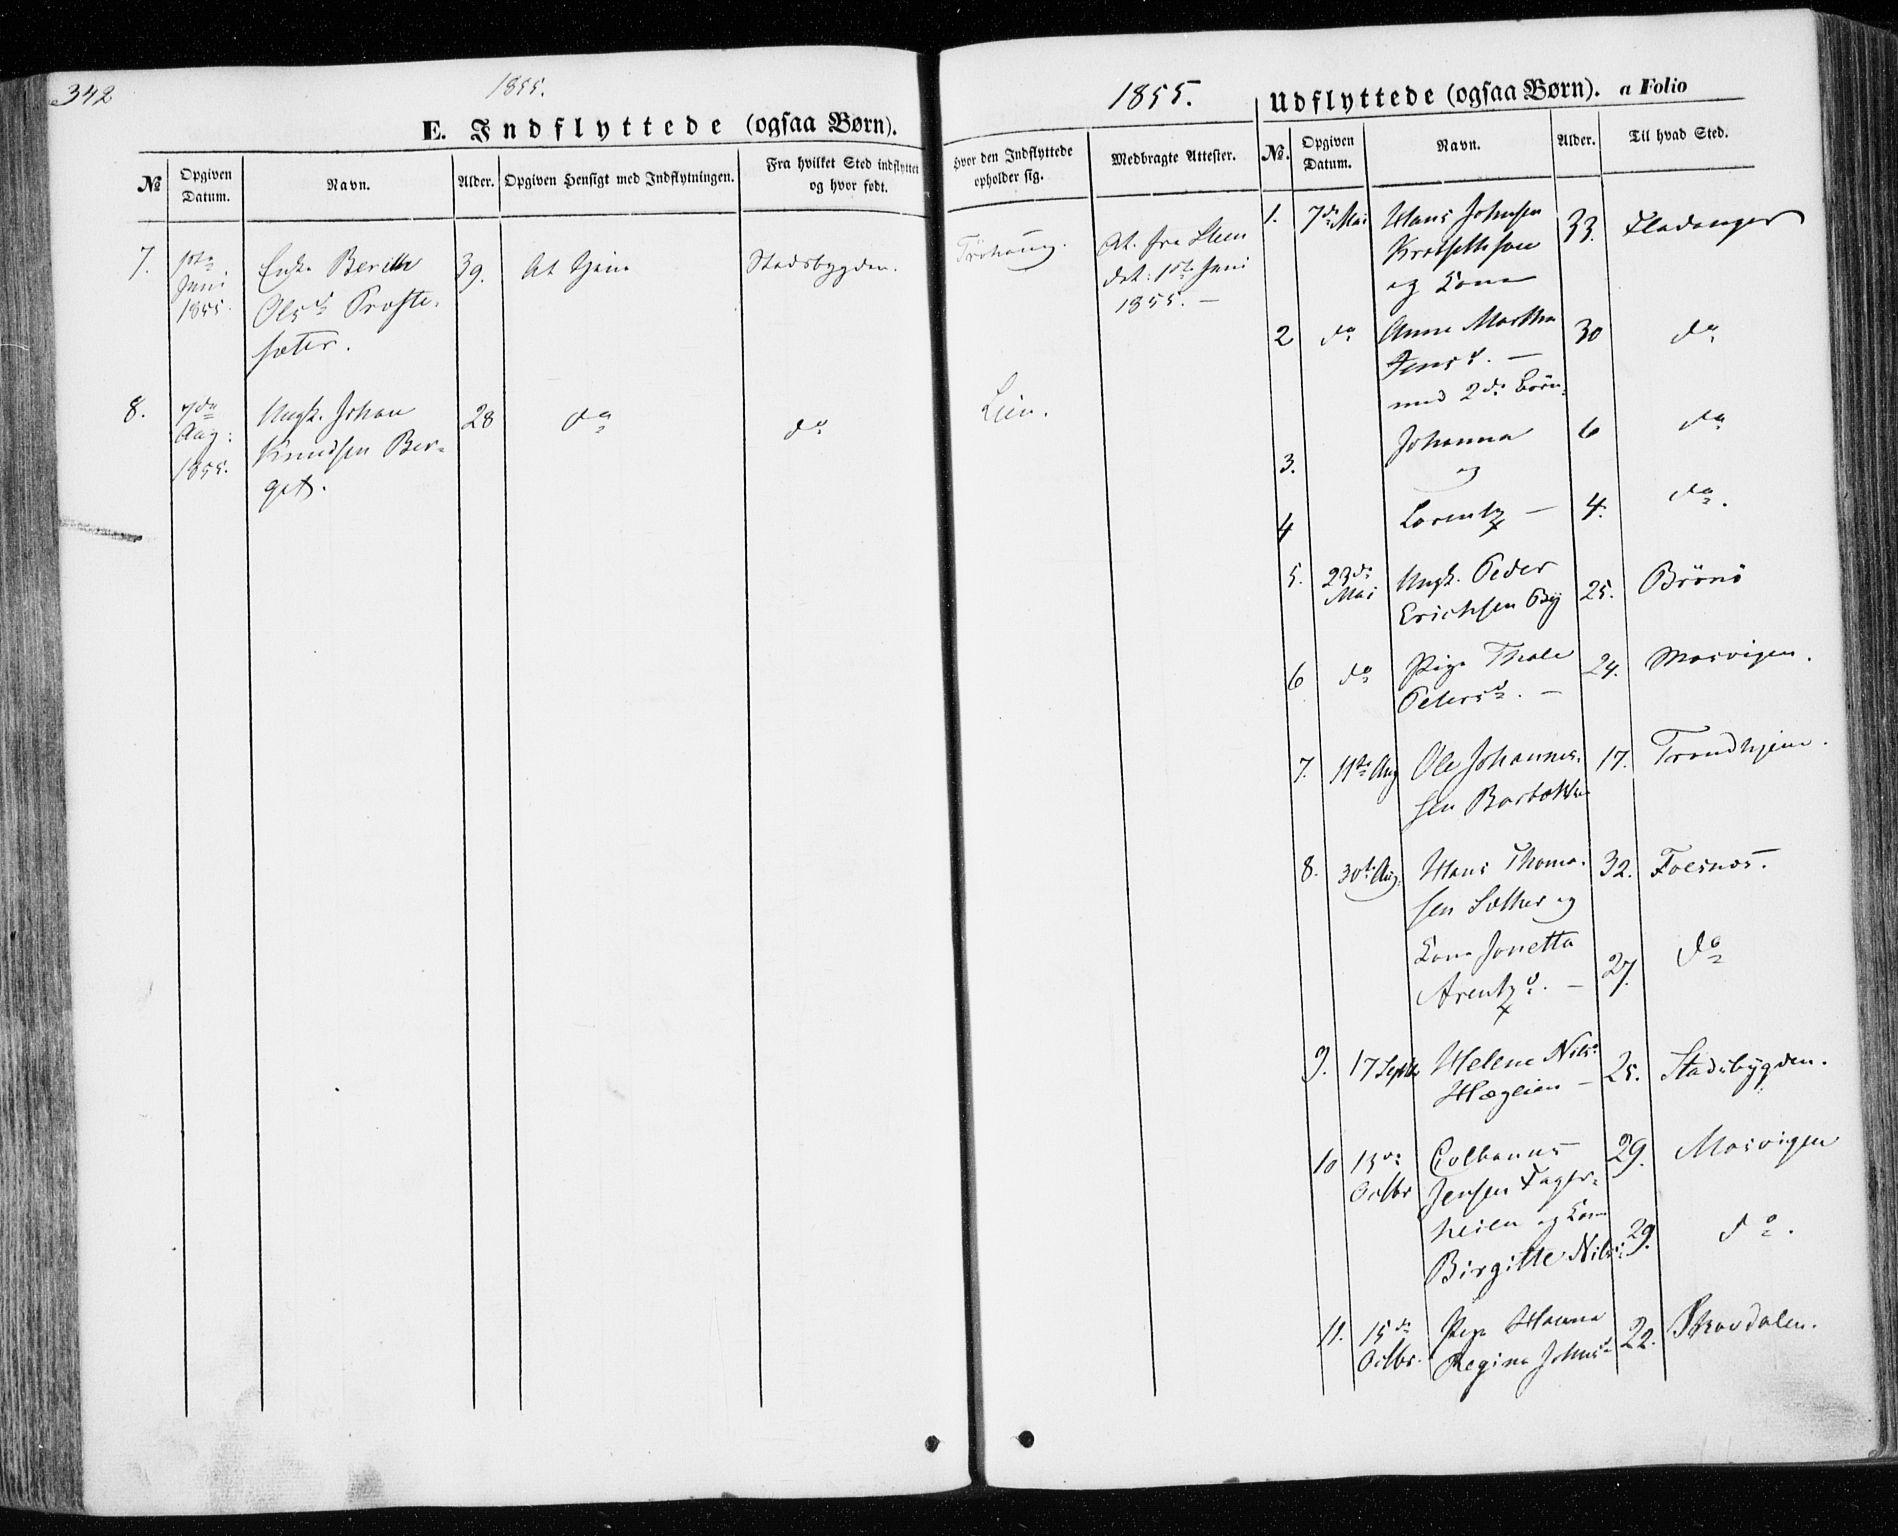 SAT, Ministerialprotokoller, klokkerbøker og fødselsregistre - Nord-Trøndelag, 701/L0008: Ministerialbok nr. 701A08 /1, 1854-1863, s. 342